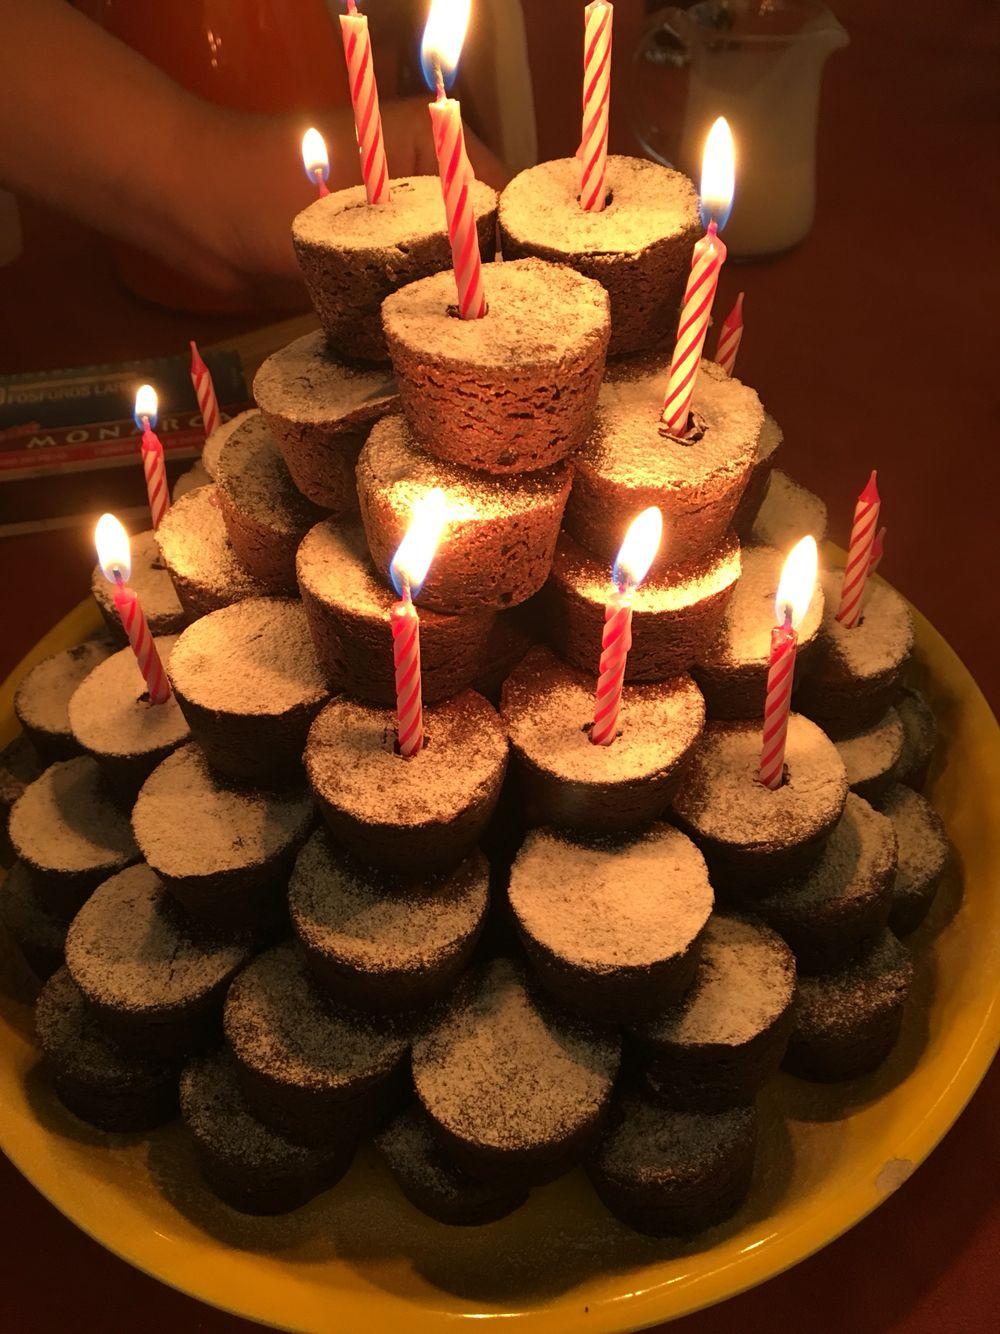 Pastel con mini brownies, una idea sencilla y original con poco presupuesto